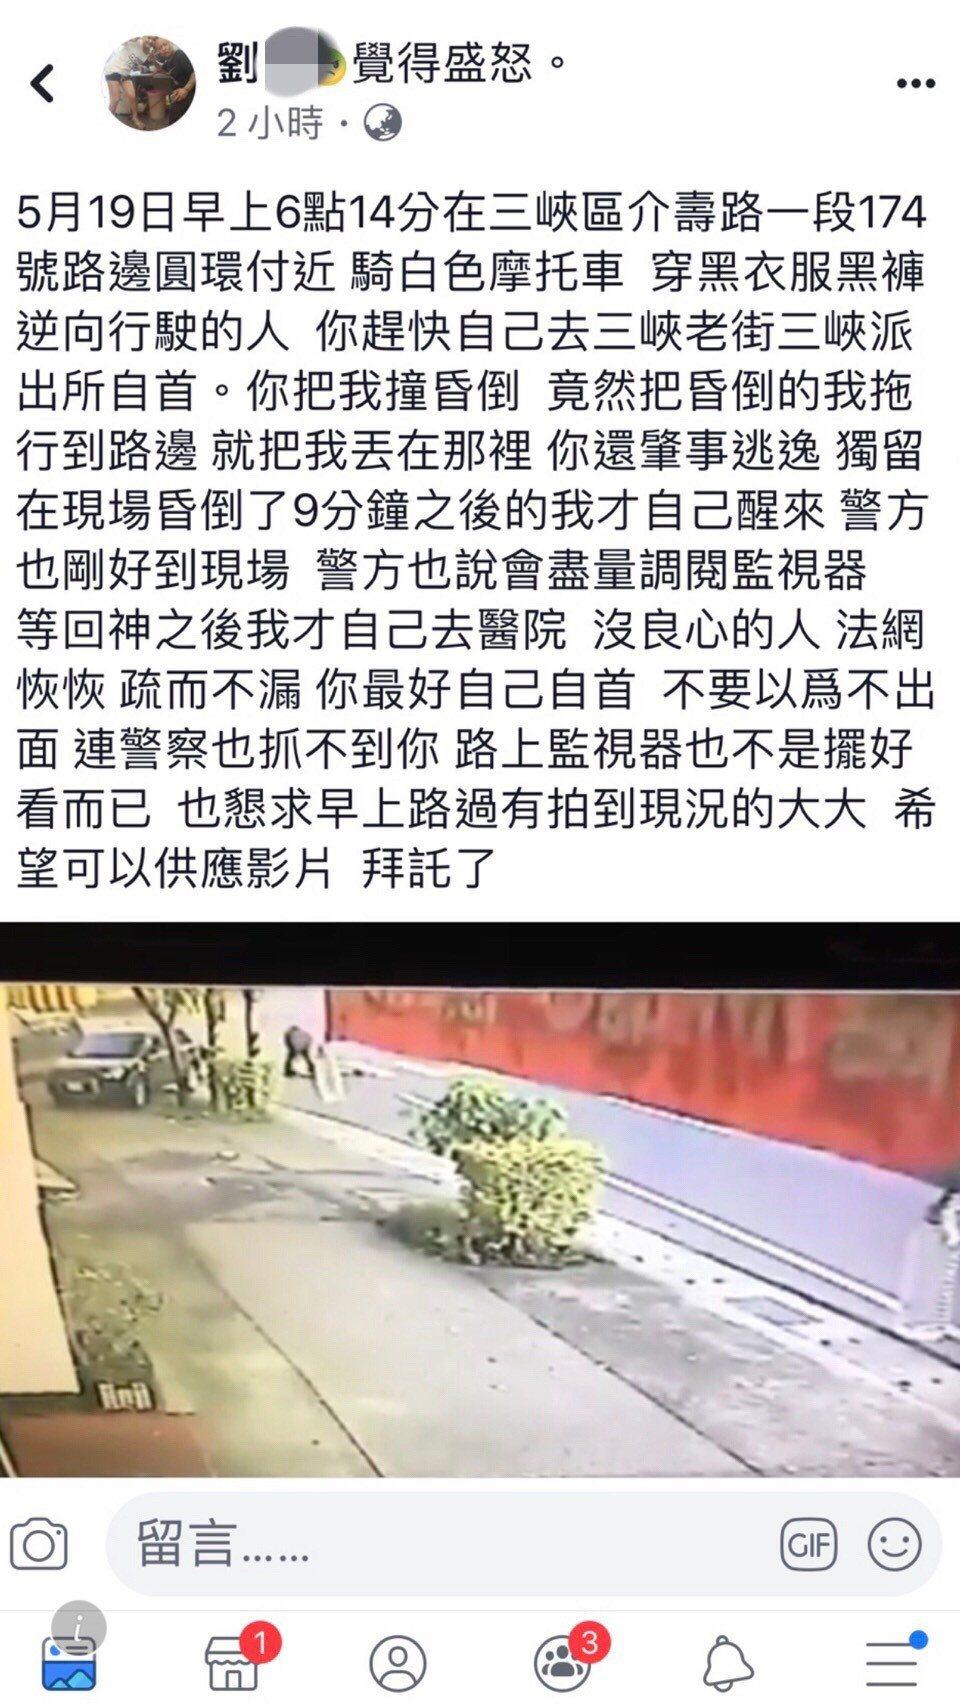 劉姓被害人氣得將肇事逃逸過程貼上臉書社團,怒斥對方沒良心。記者林昭彰/翻攝